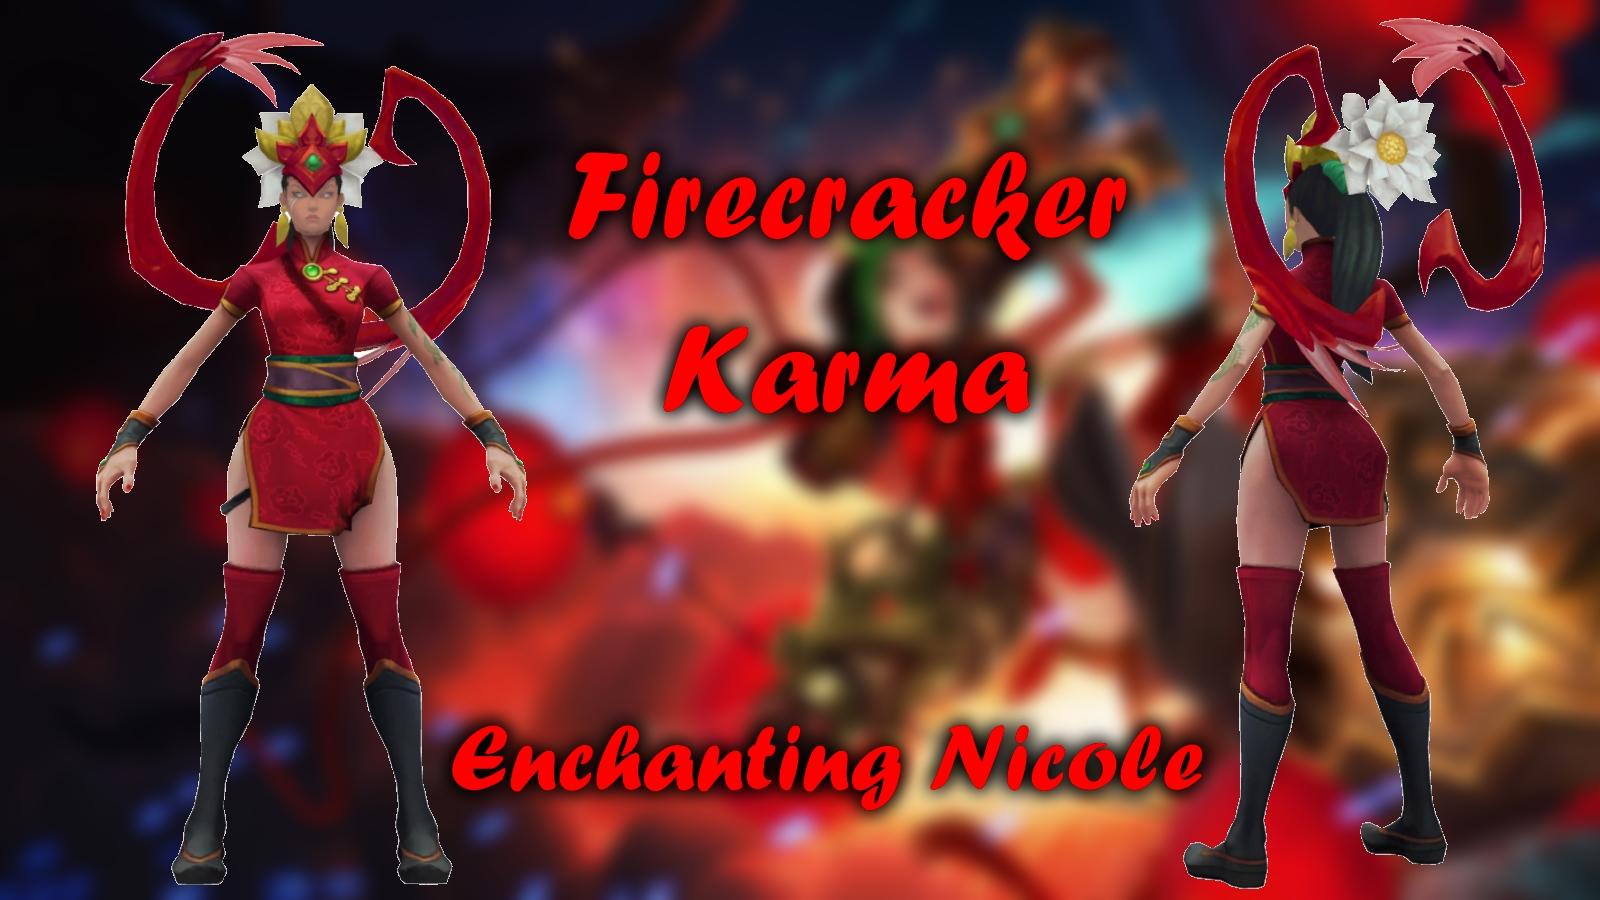 Firecracker Karma